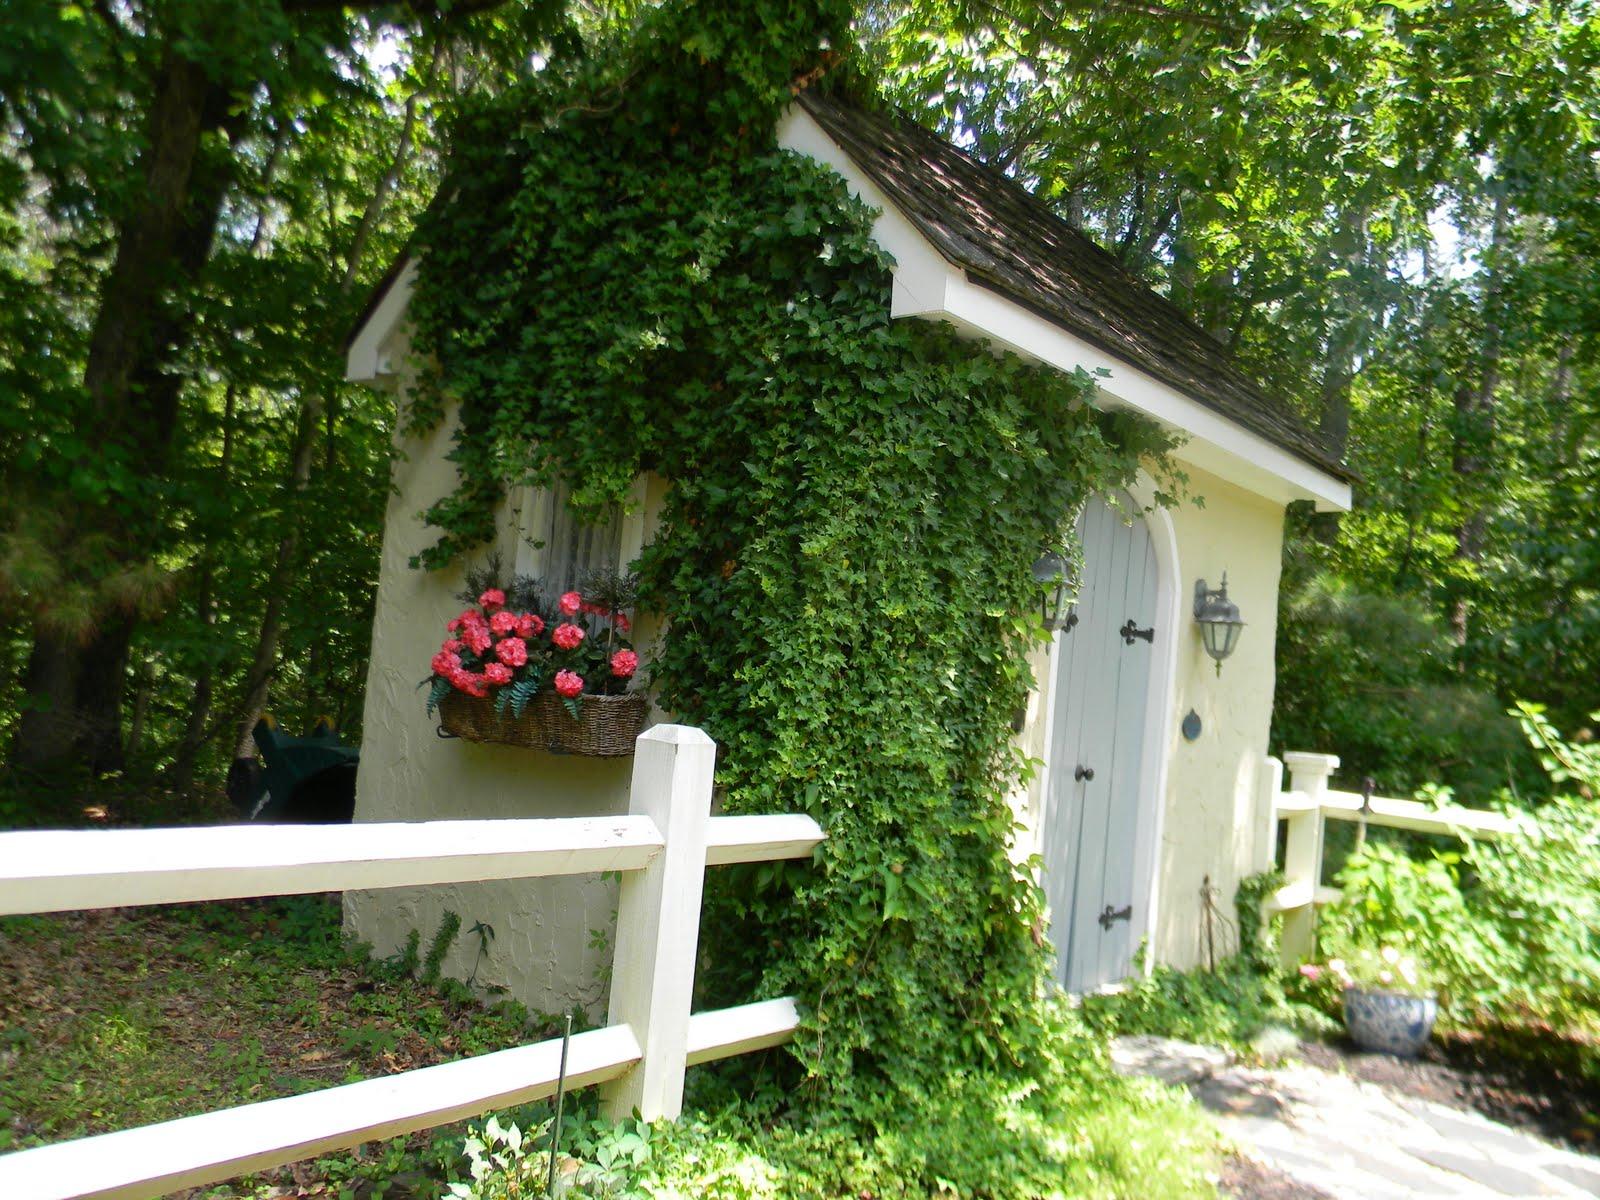 shed wooden potting shop forest products somerlap dsc sheds uk